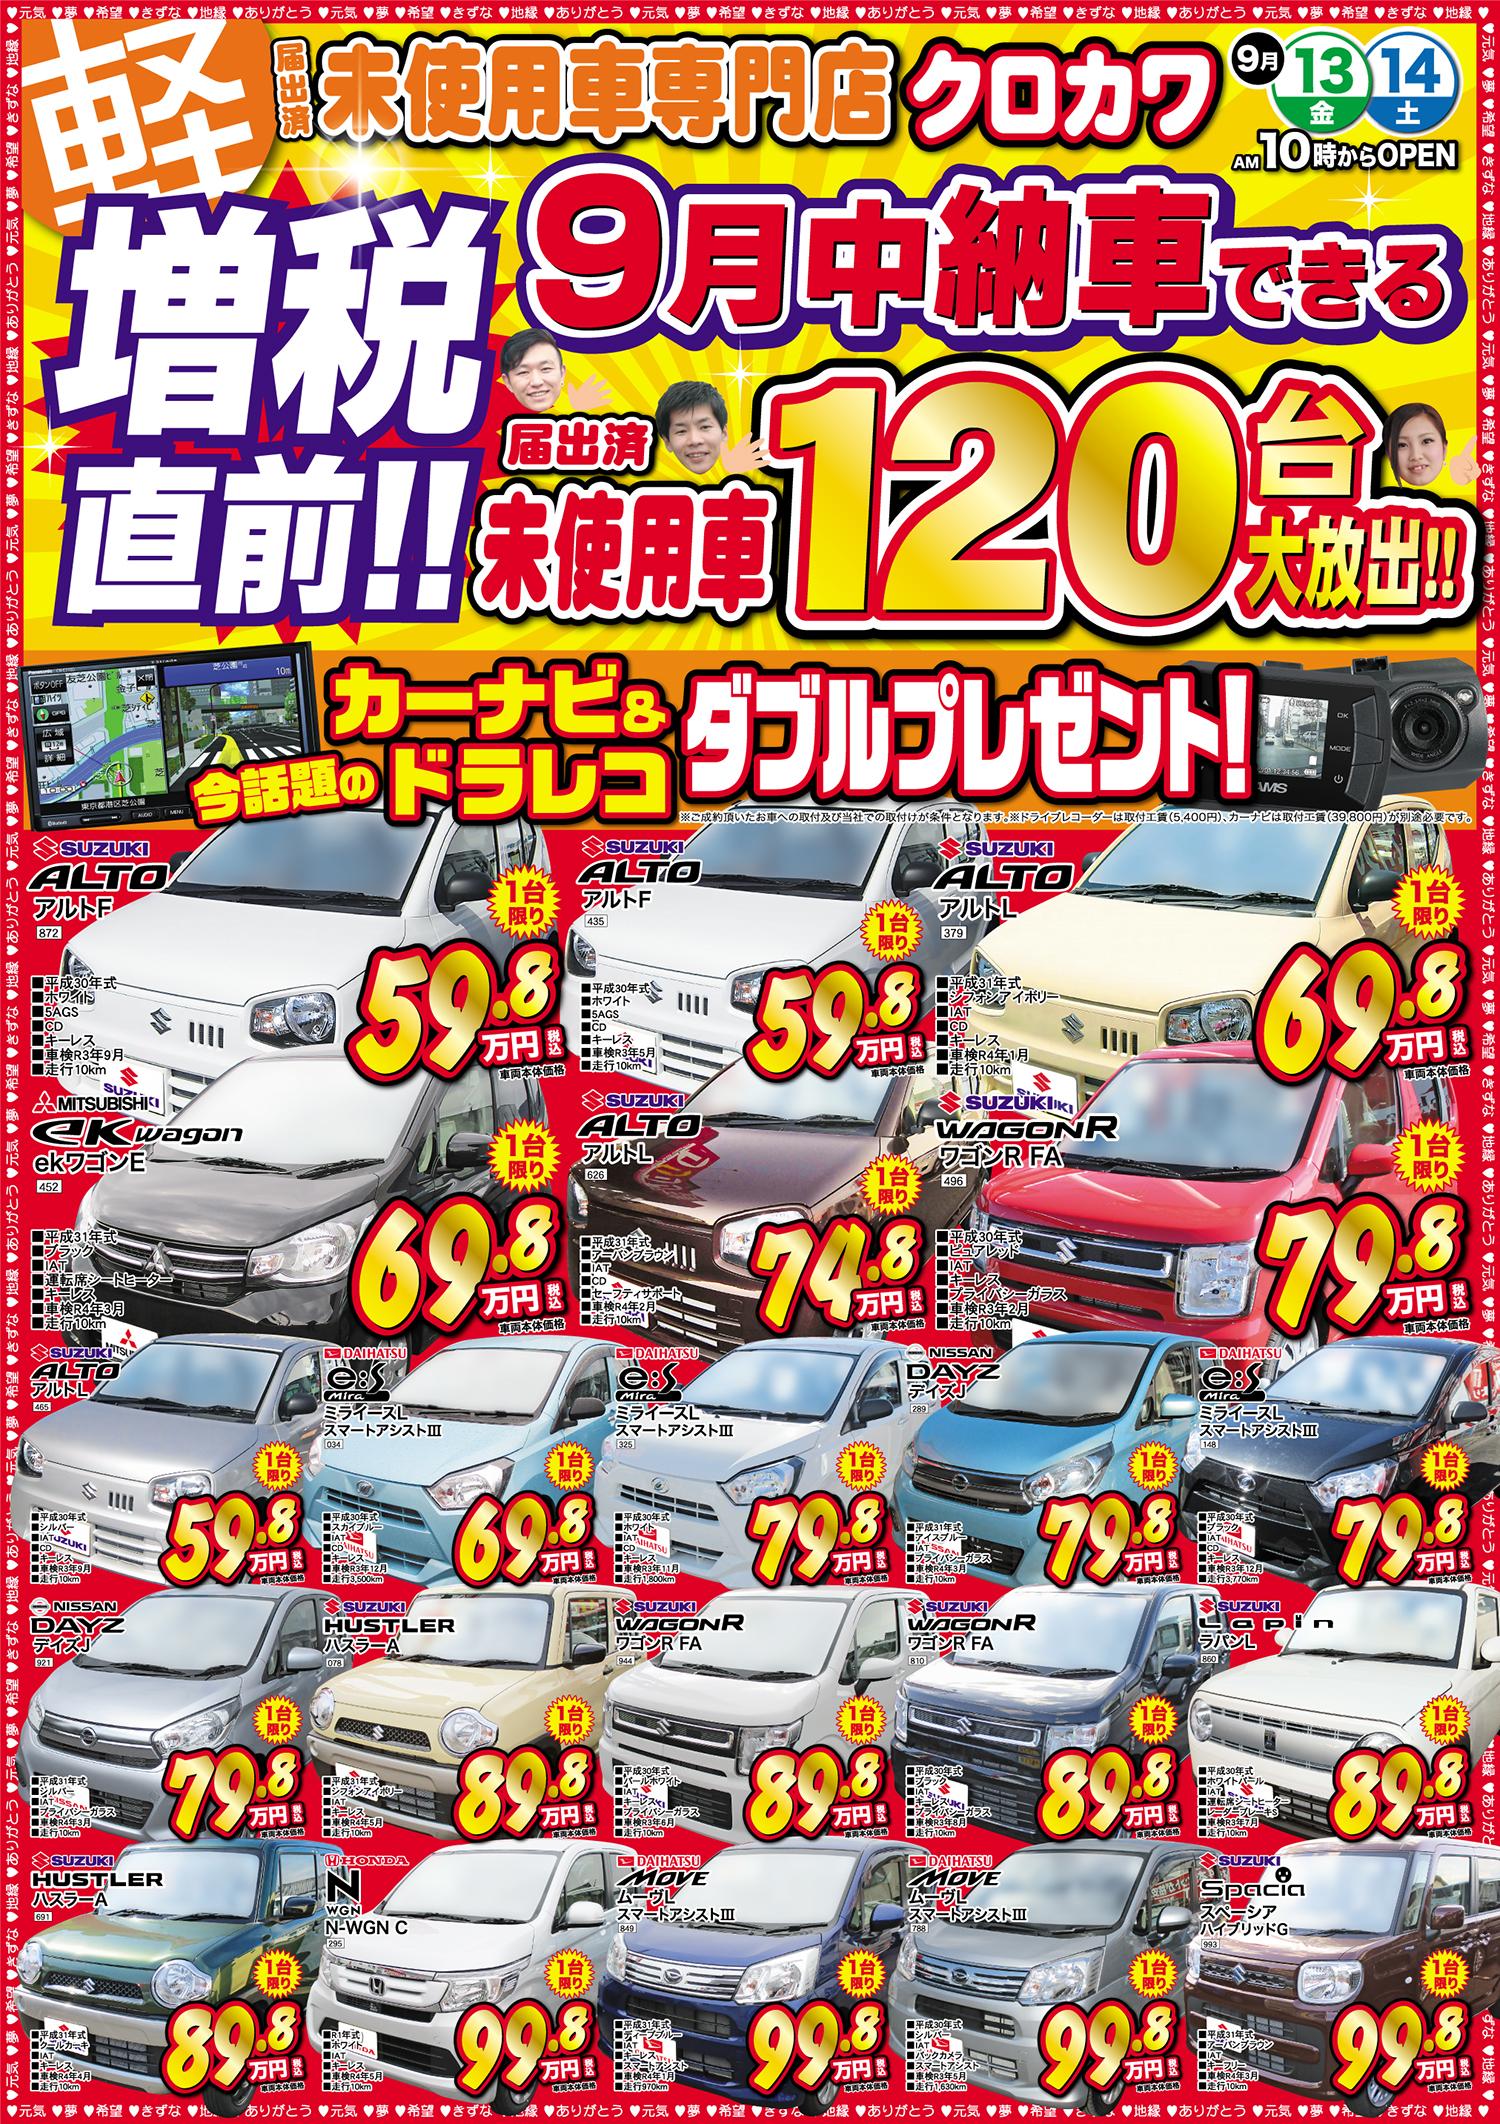 9月中に納車できる【増税直前!!】未使用車120台大放出!!